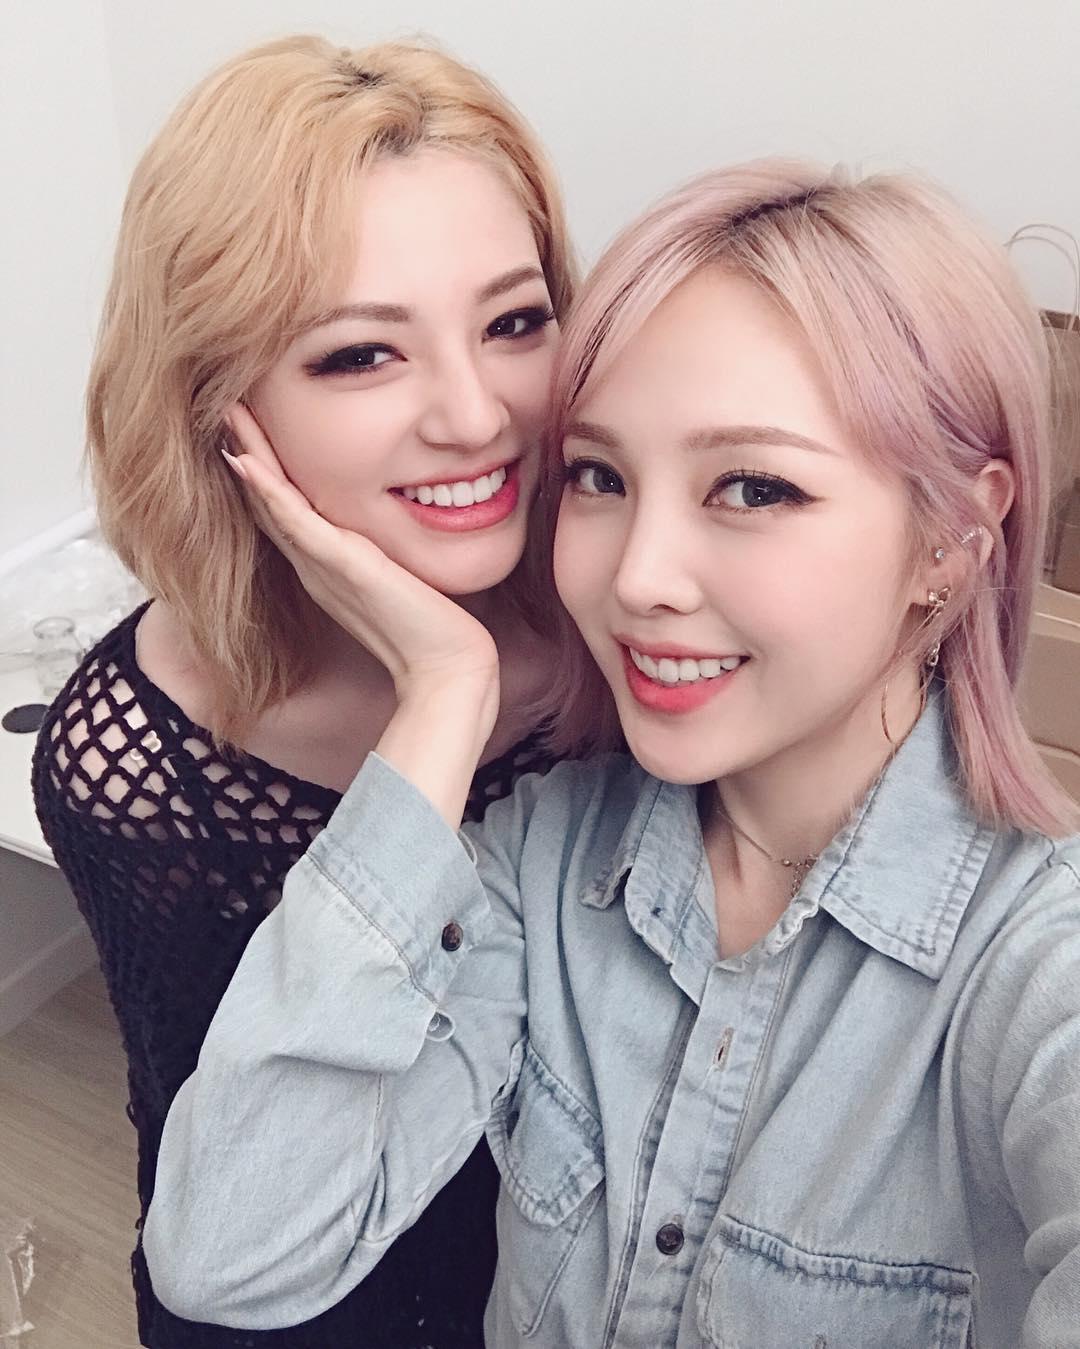 Gigi Hadid, Chan Yeol, Pony và loạt sao nổi tiếng đều nhuộm tóc hồng, còn bạn thì sao? - Ảnh 7.